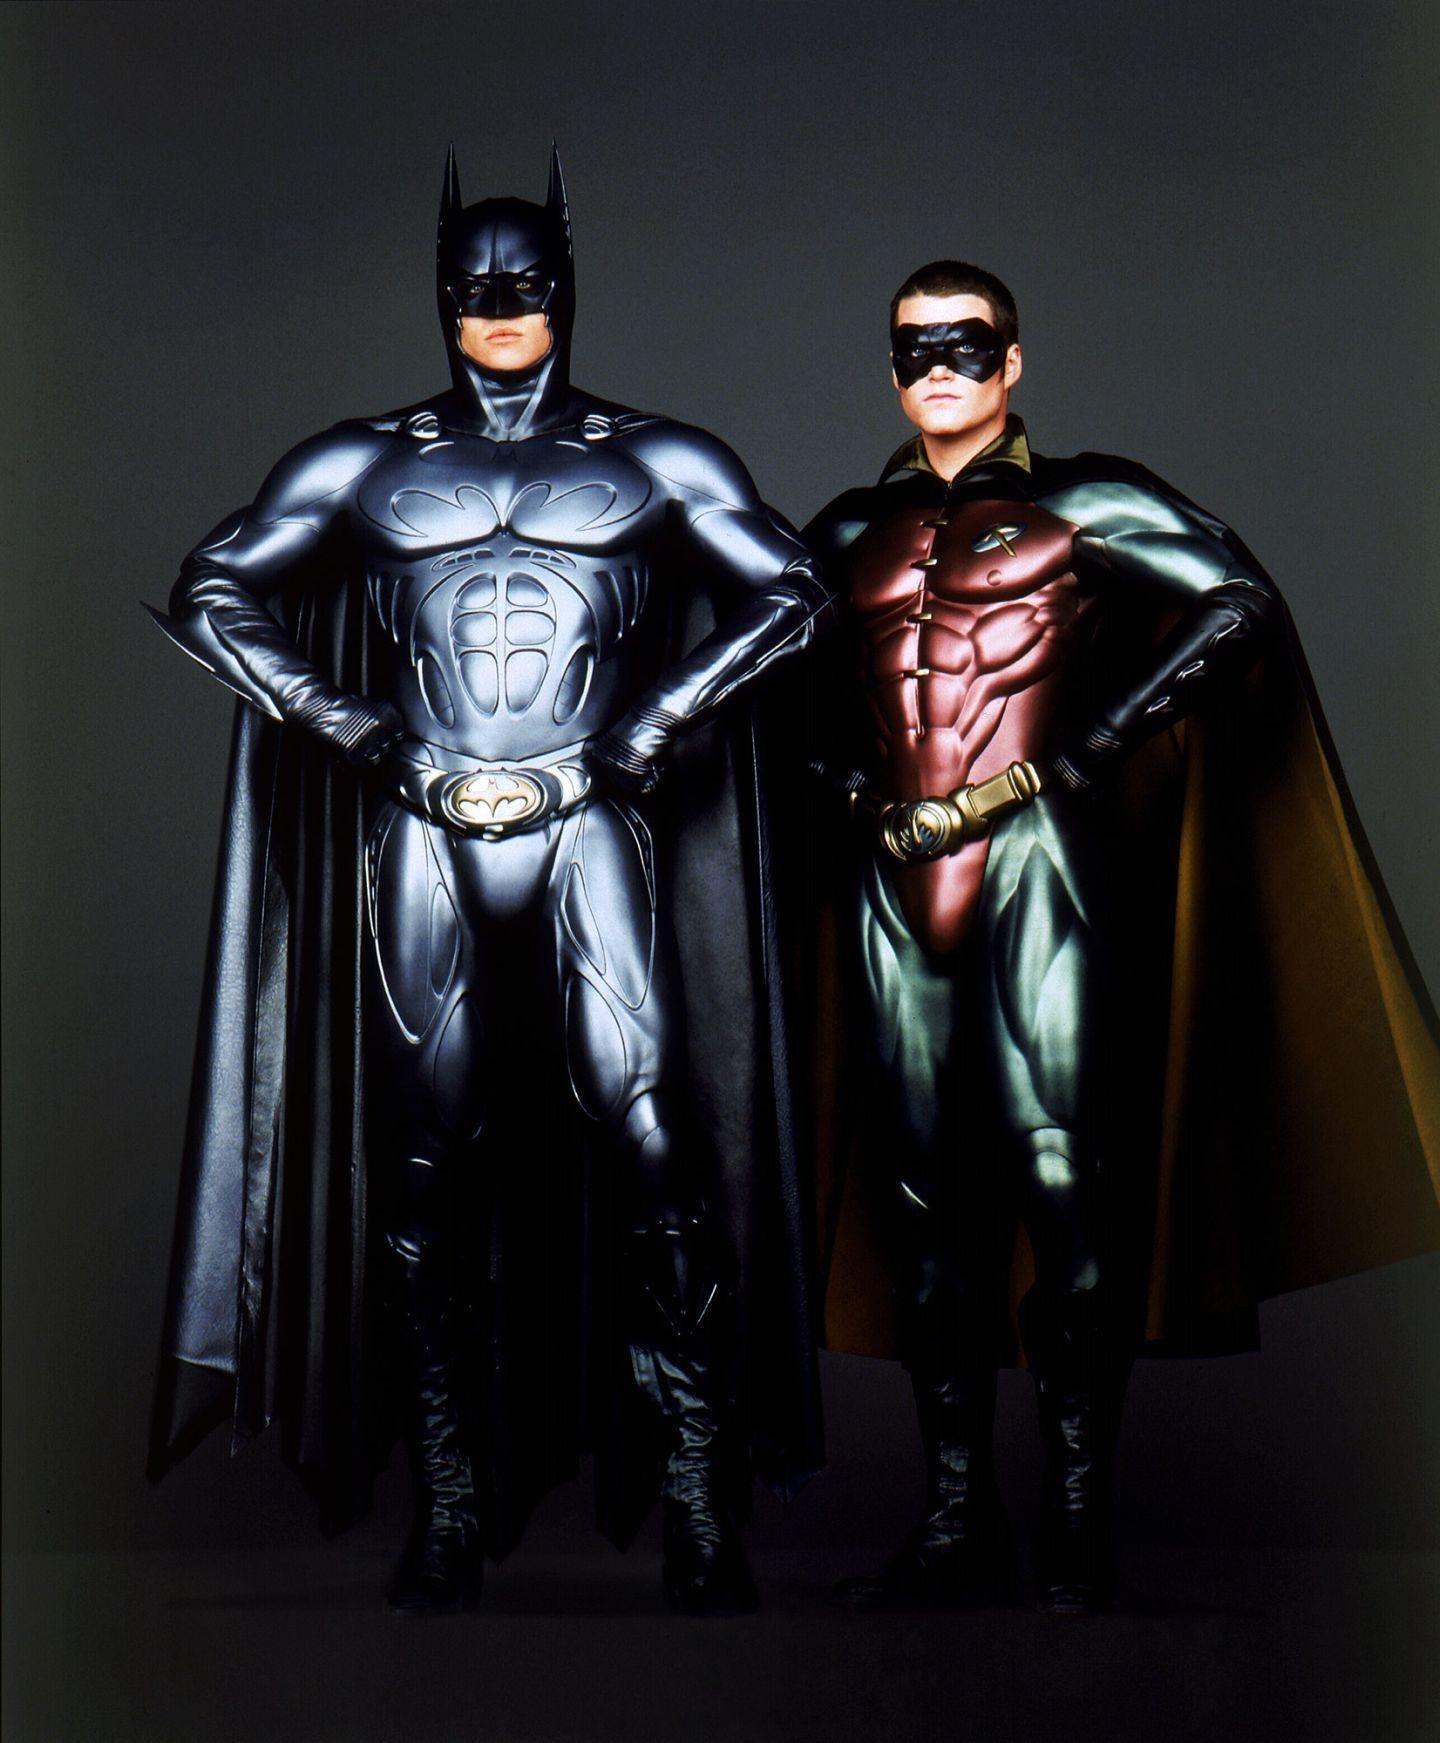 Batman And Robin Wallpapers Desktop Background ~ Sdeerwallpaper